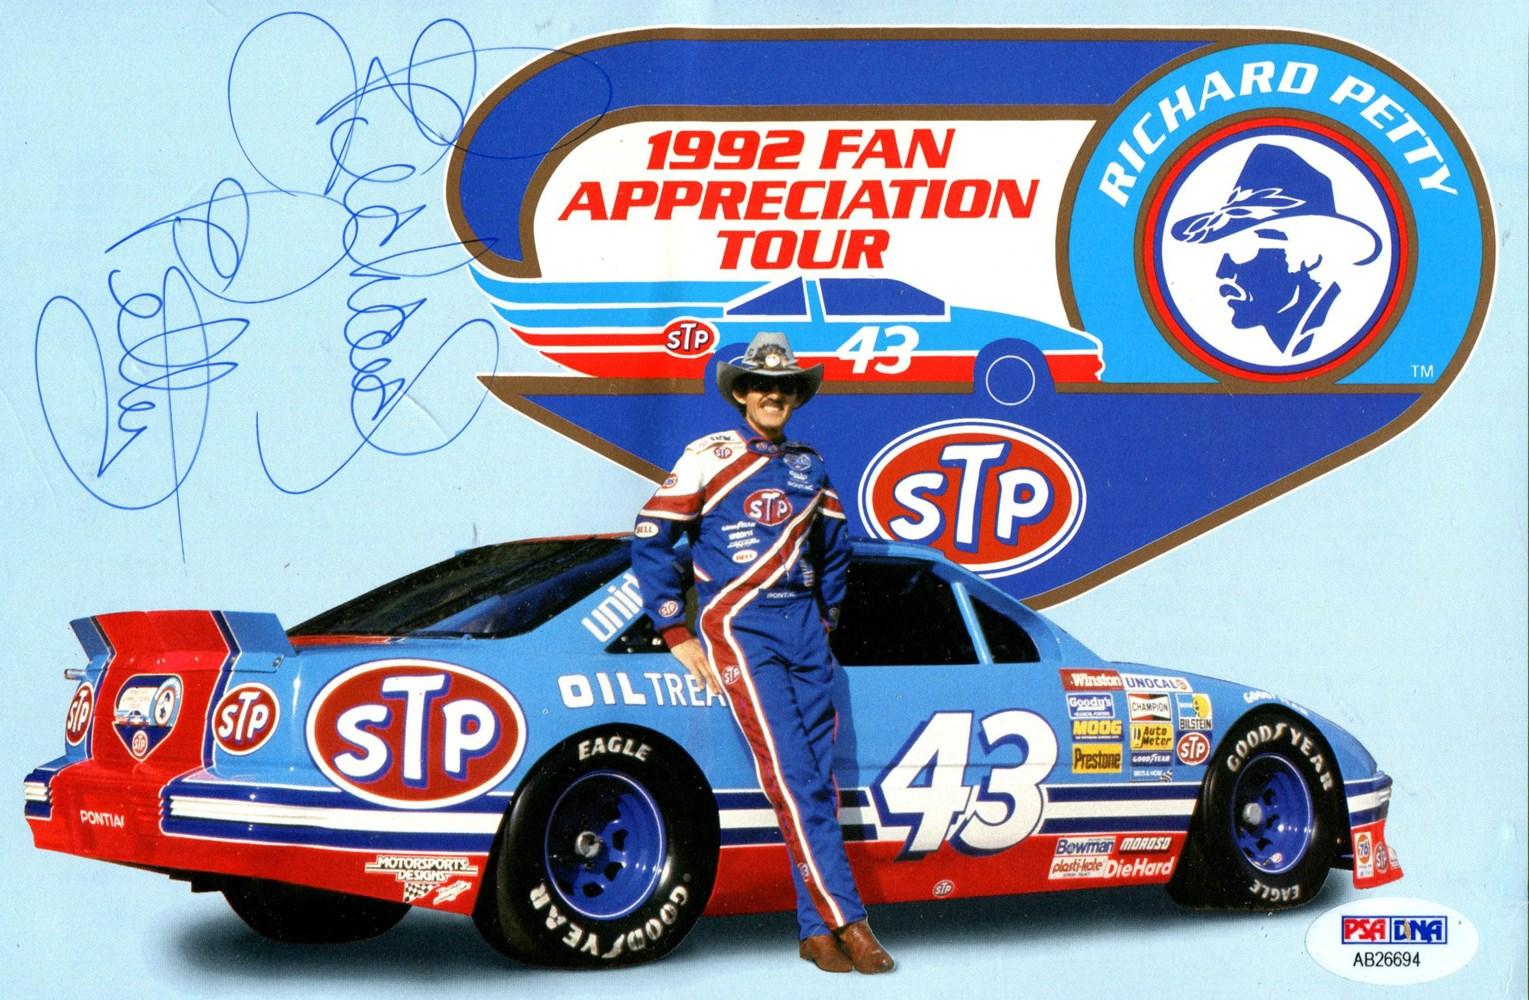 Petty kjørte Pontiac den siste delen av karrieren, her fra hans 1992 Fan Appreciation Tour for å markere hans siste sesong.